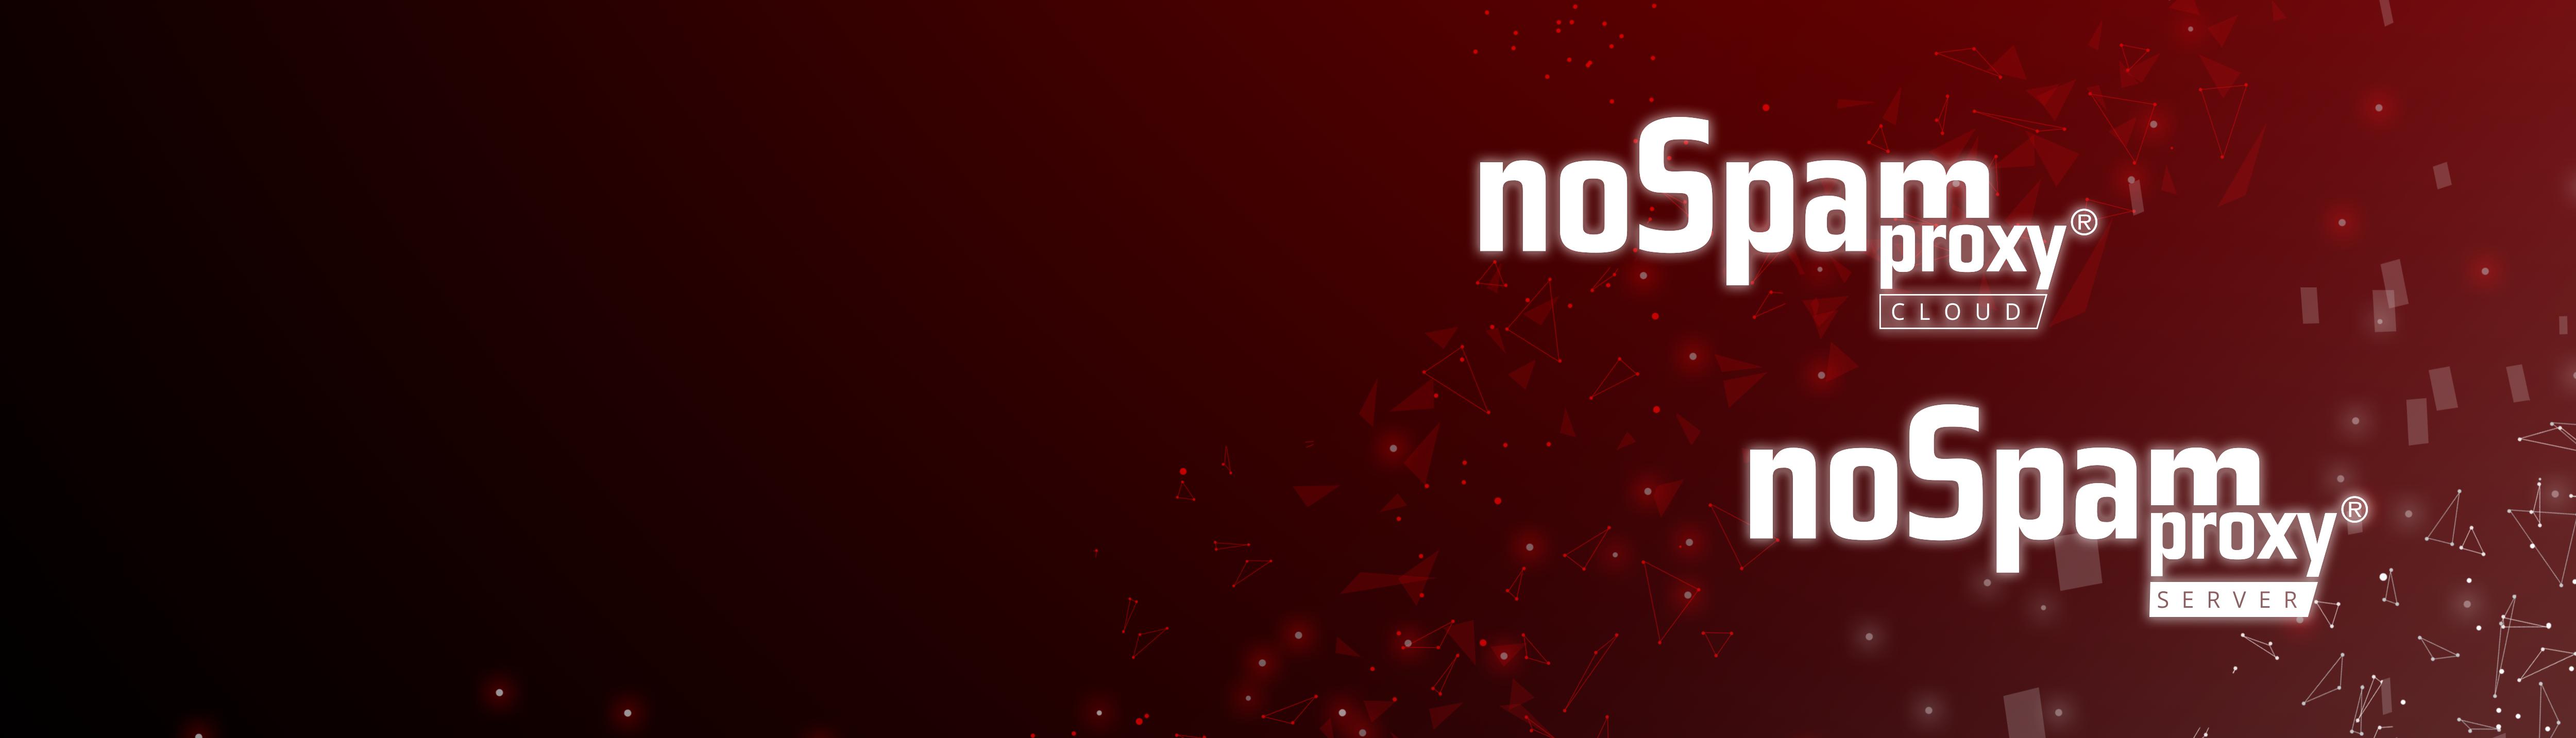 NoSpamProxy Cloud & NoSpamProxy Server